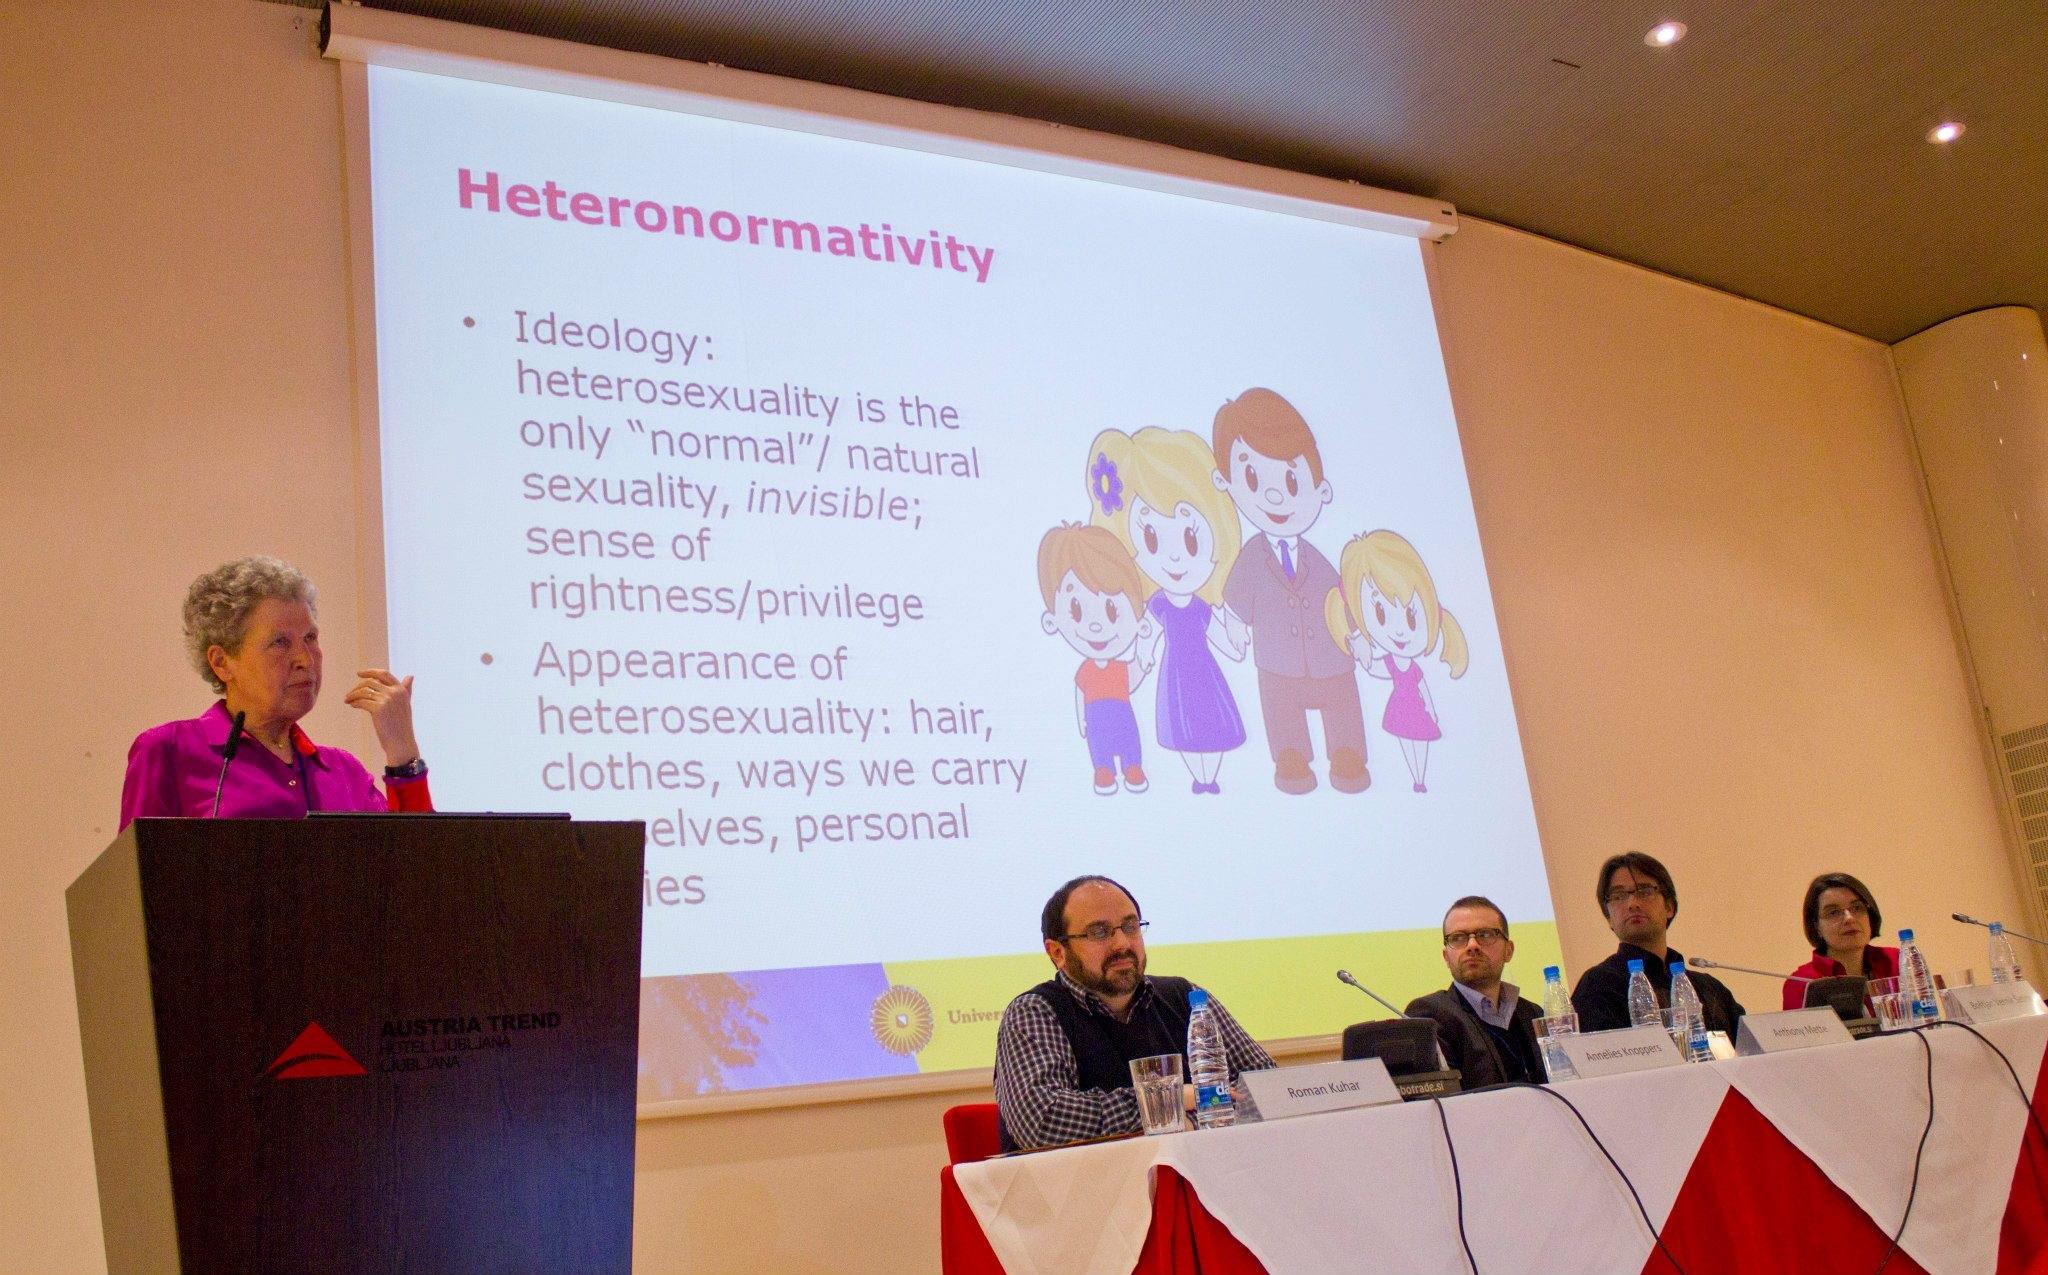 Pranešimą skaito Annelies Knoppers, Utrechto universiteto profesorė